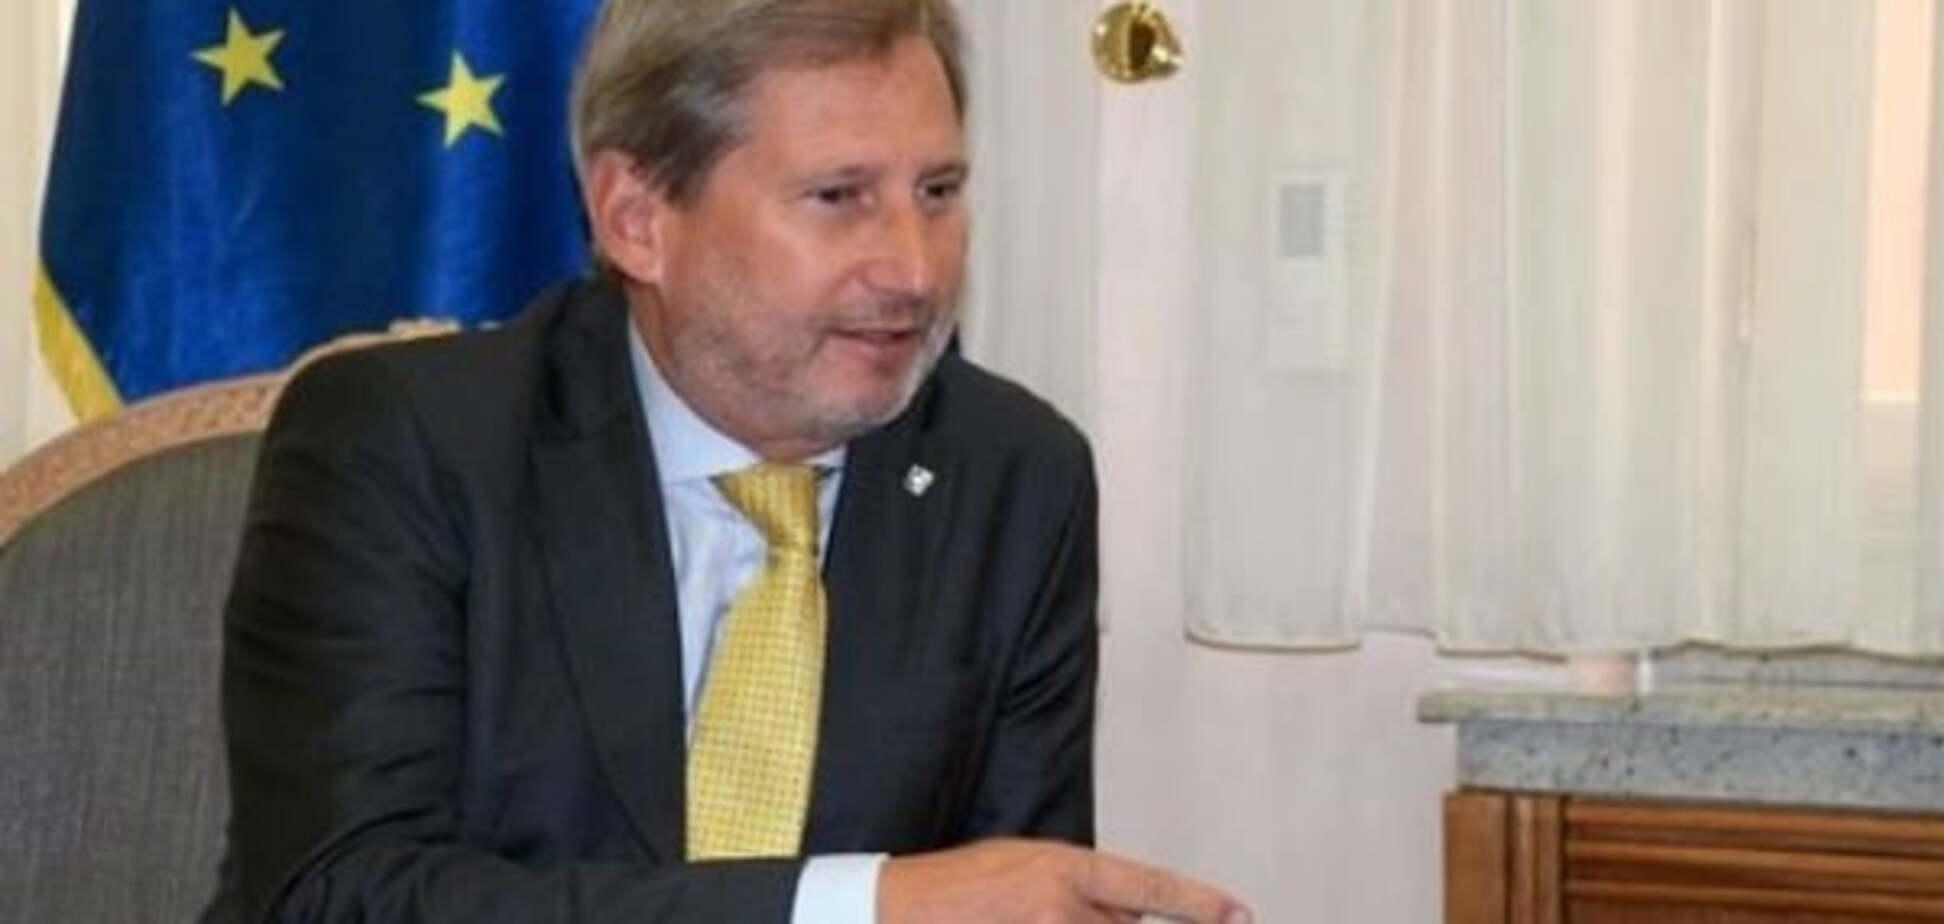 Еврокомиссар Хан определил сроки получения Украиной безвизового режима